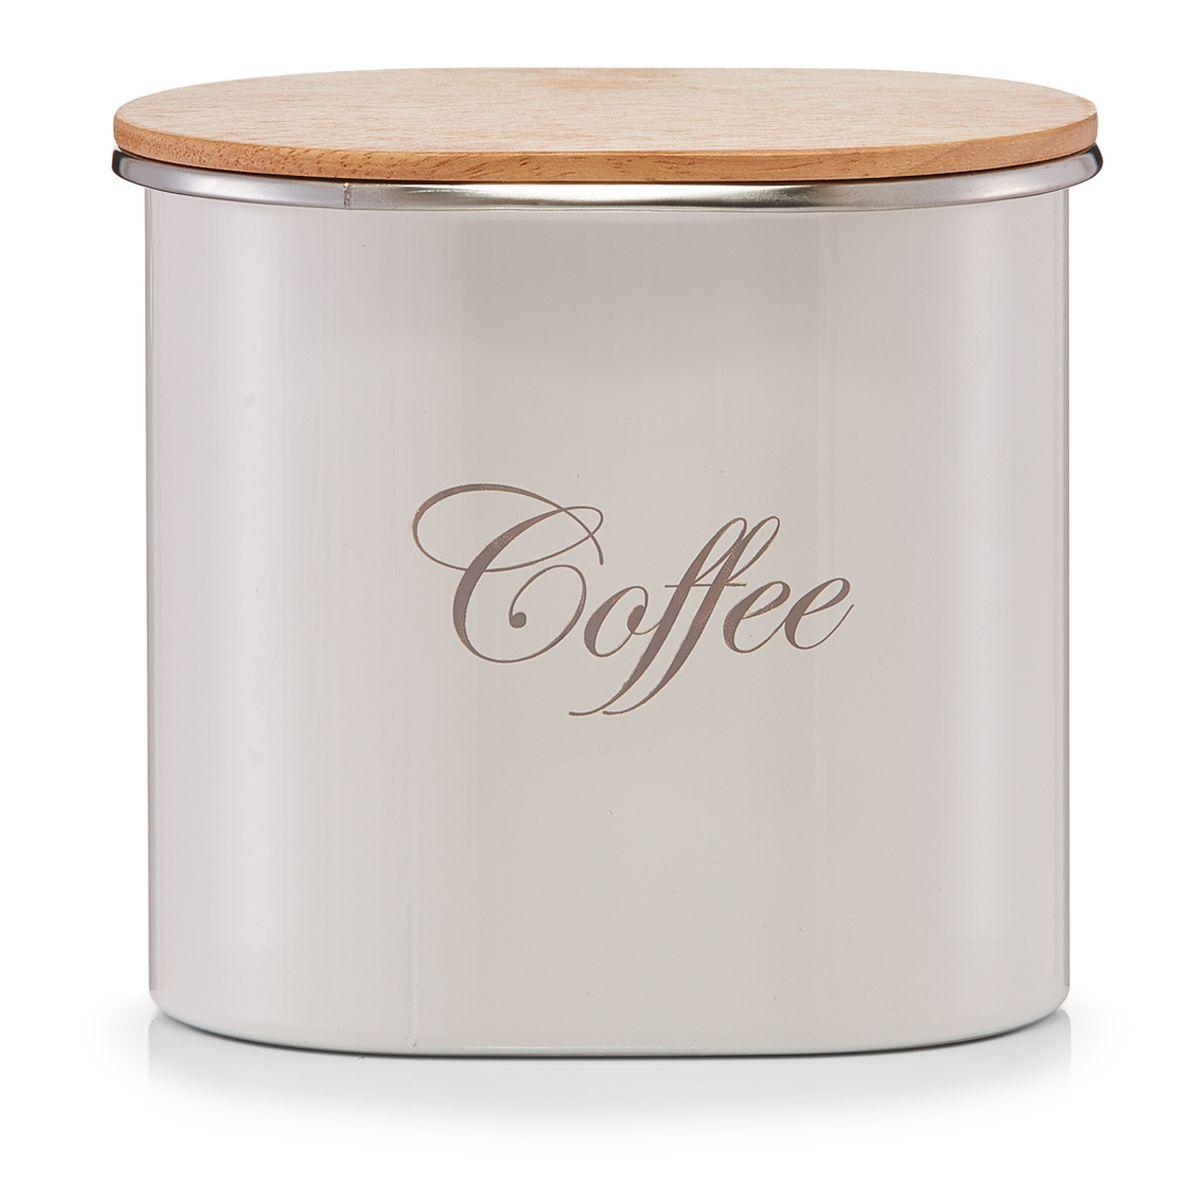 Банка для хранения Zeller Coffe, 15 х 11 х 13,5 см19312Банка Zeller Coffee, выполненная из металла,снабжена деревянной крышкой, которая плотно и герметичнозакрывается, дольше сохраняя аромат и свежестьсодержимого. Изделие предназначено для хранения любоговида кофе. Стильная и практичная, такая банка станетнезаменимым аксессуаром на любой кухне.